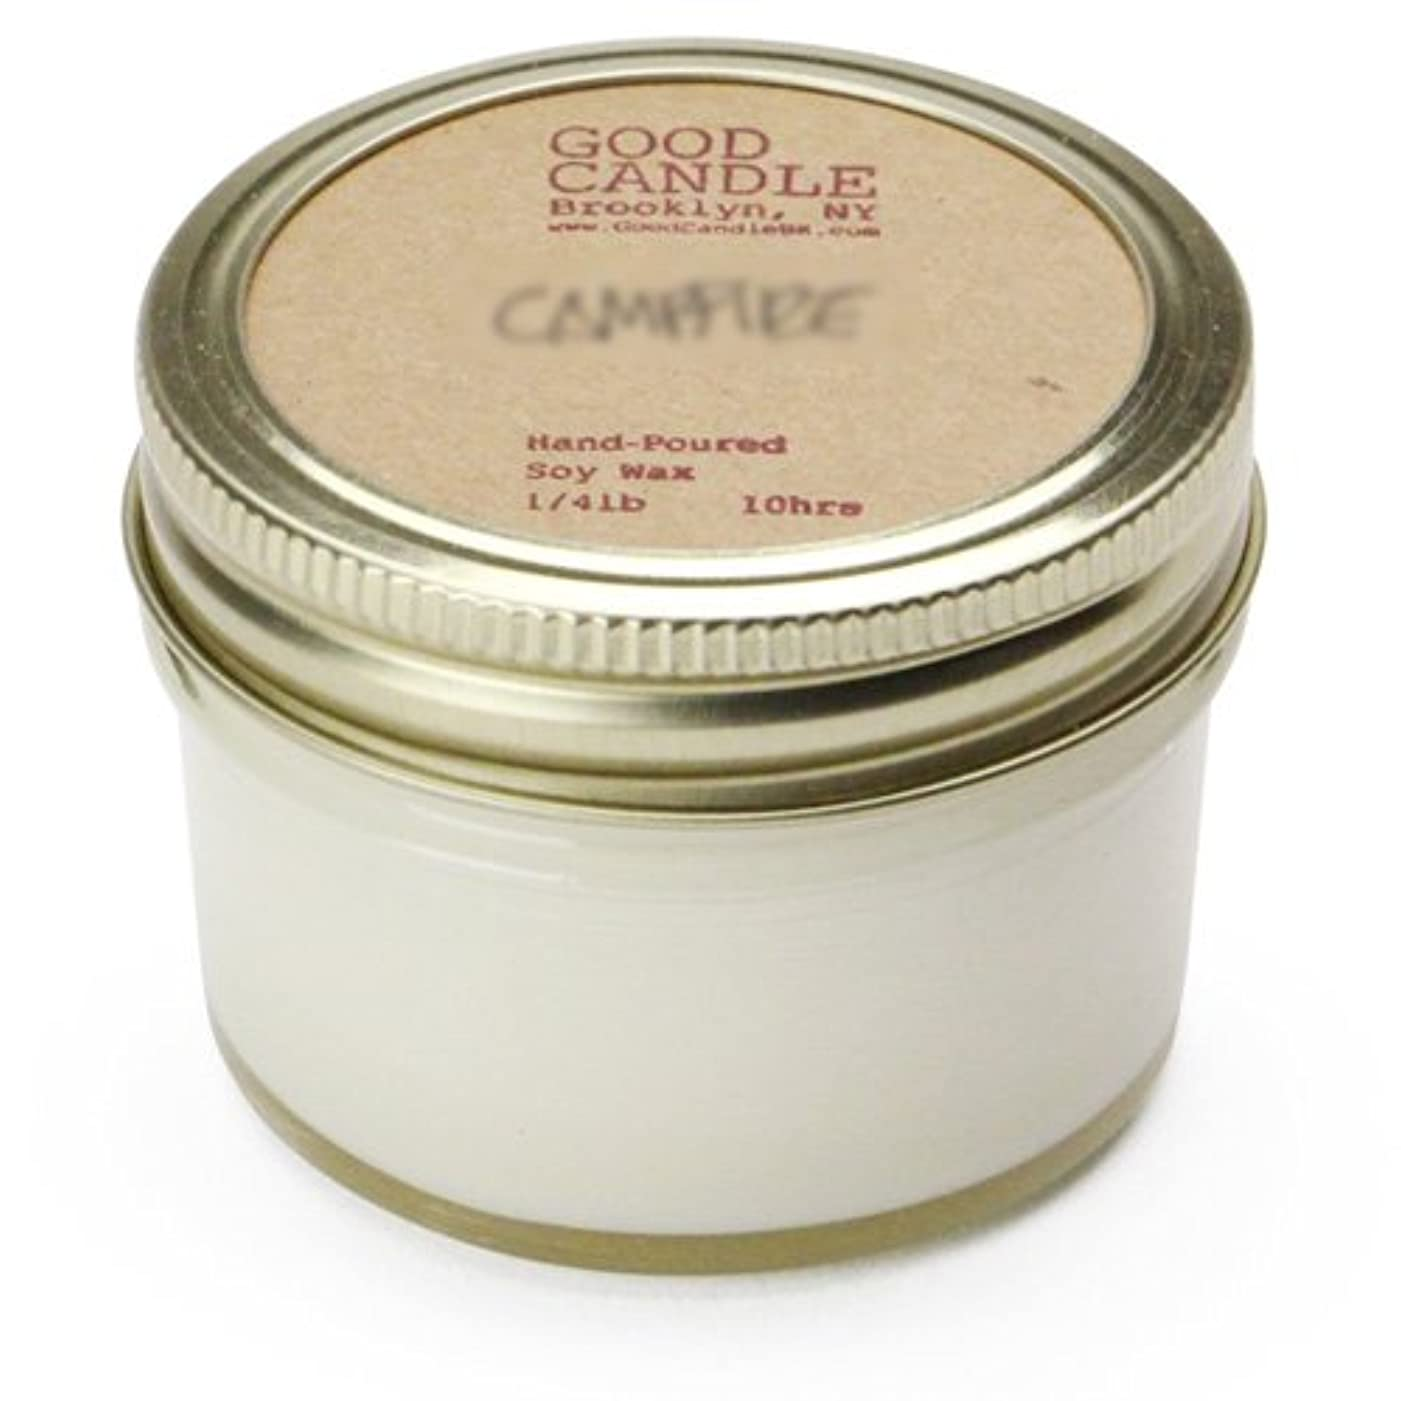 治す脚穏やかなグッドキャンドル 1/4ポンド ゼリージャー キャンドル Good Candle 1/4LB Jelly jar candle [ Wash board ] 正規品